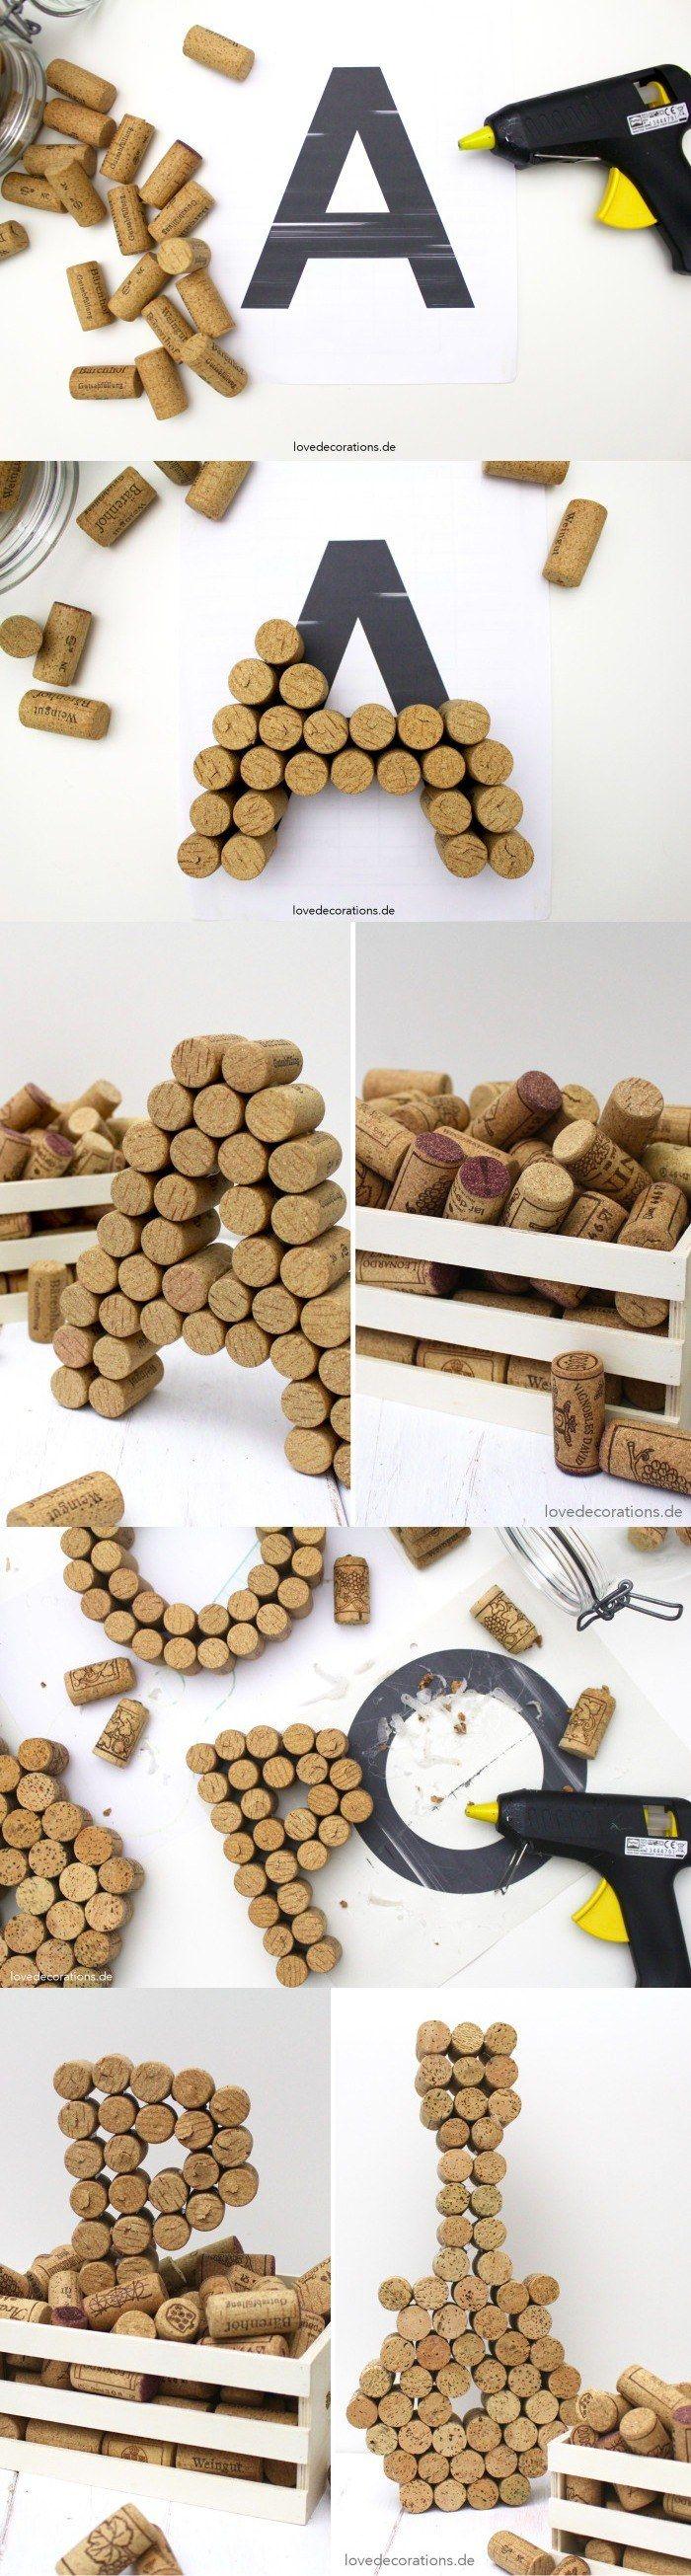 DIY Wine Cork Letters -lovedecorations.de– Letras para decorar con corcho